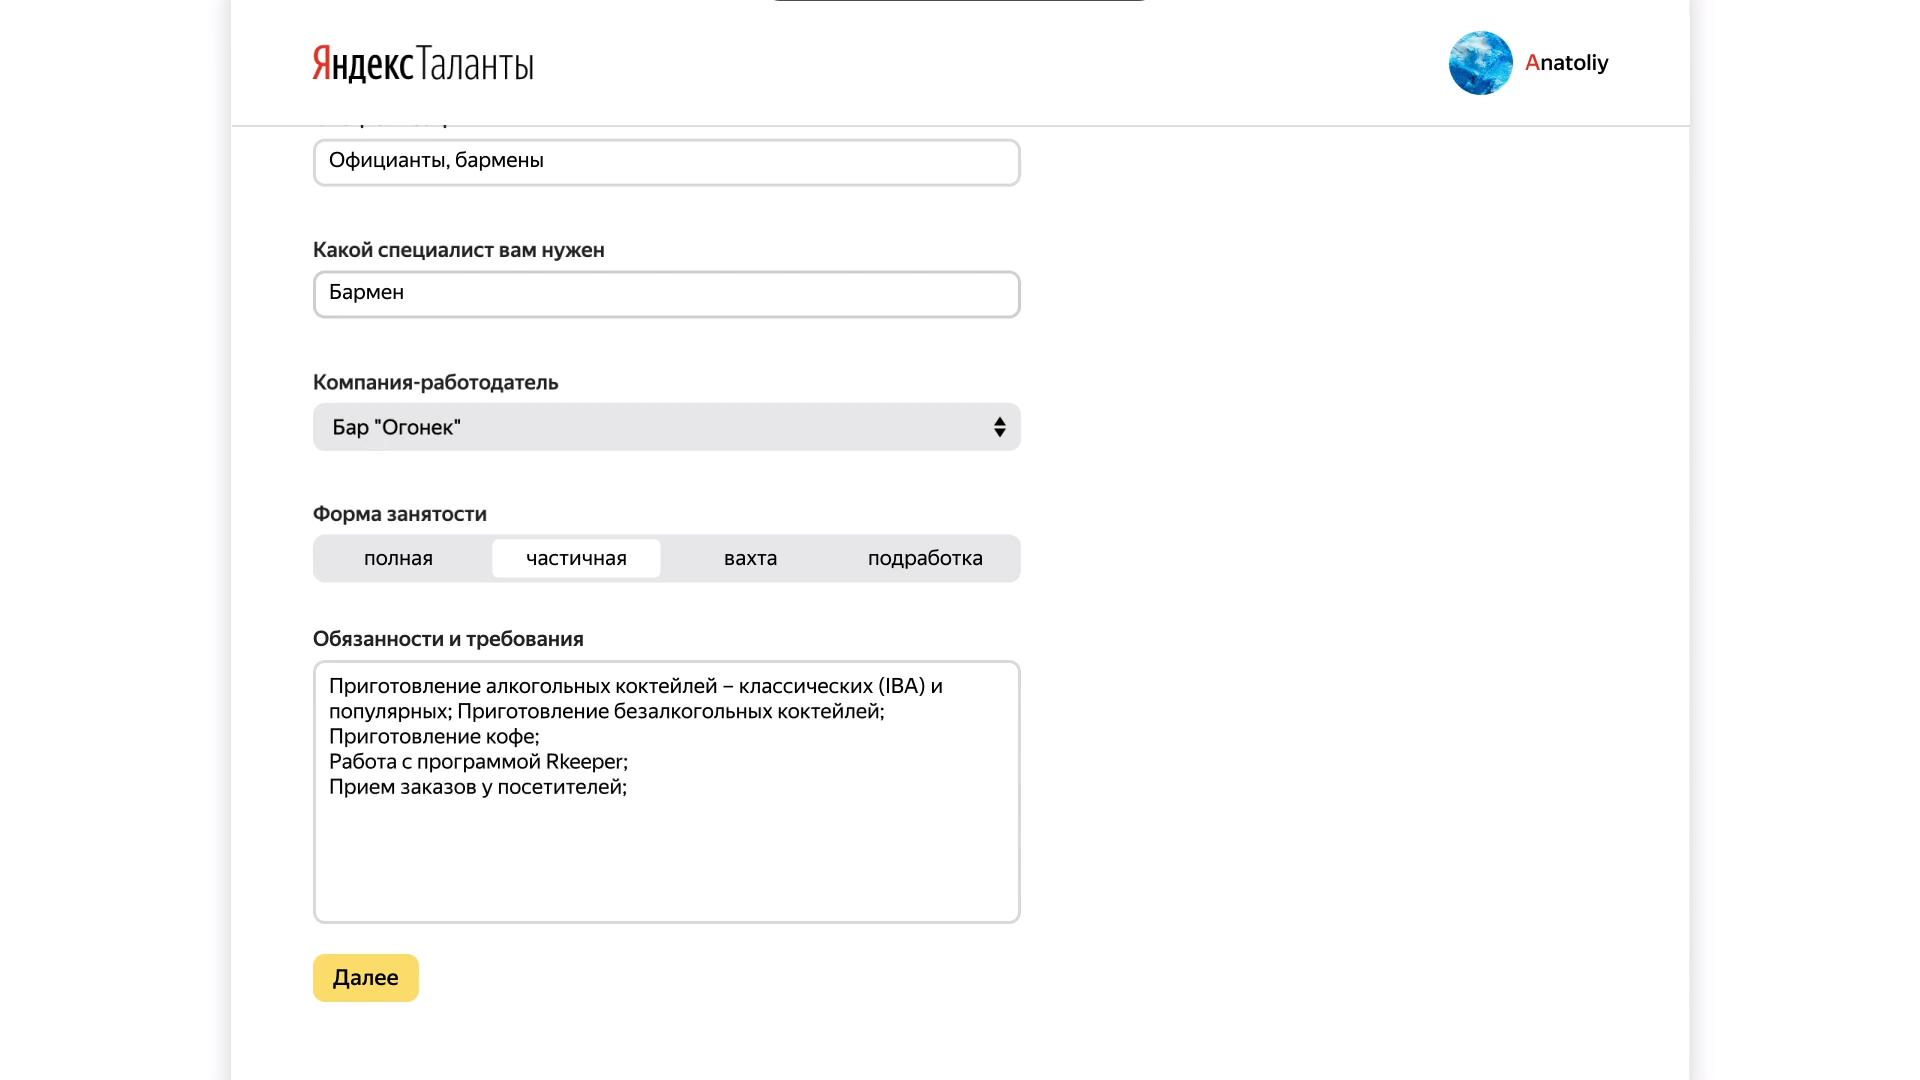 Заполнение информации о вакансии в сервисе для подбора персонала Яндекс.Таланты